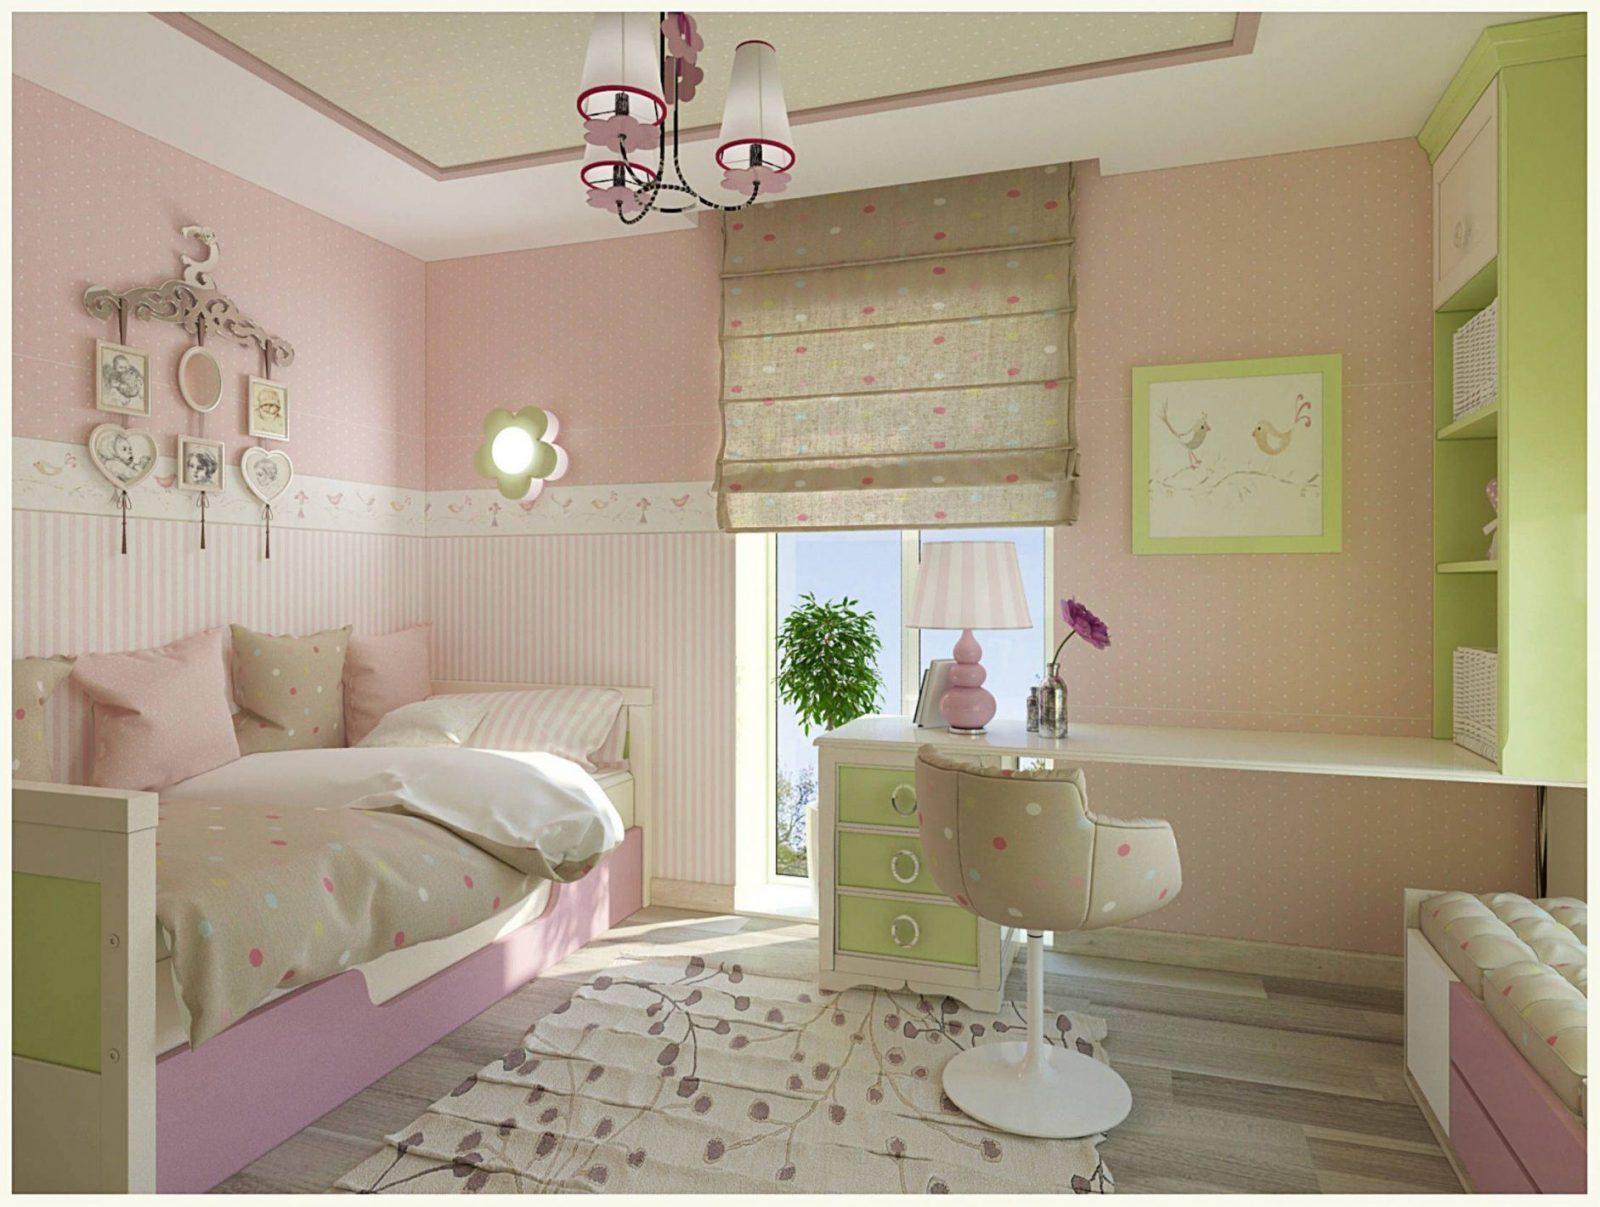 Die Schönsten Ideen Für Ein Mädchenzimmer  Eier Mädchen Und von Ideen Für Jugendzimmer Mädchen Bild